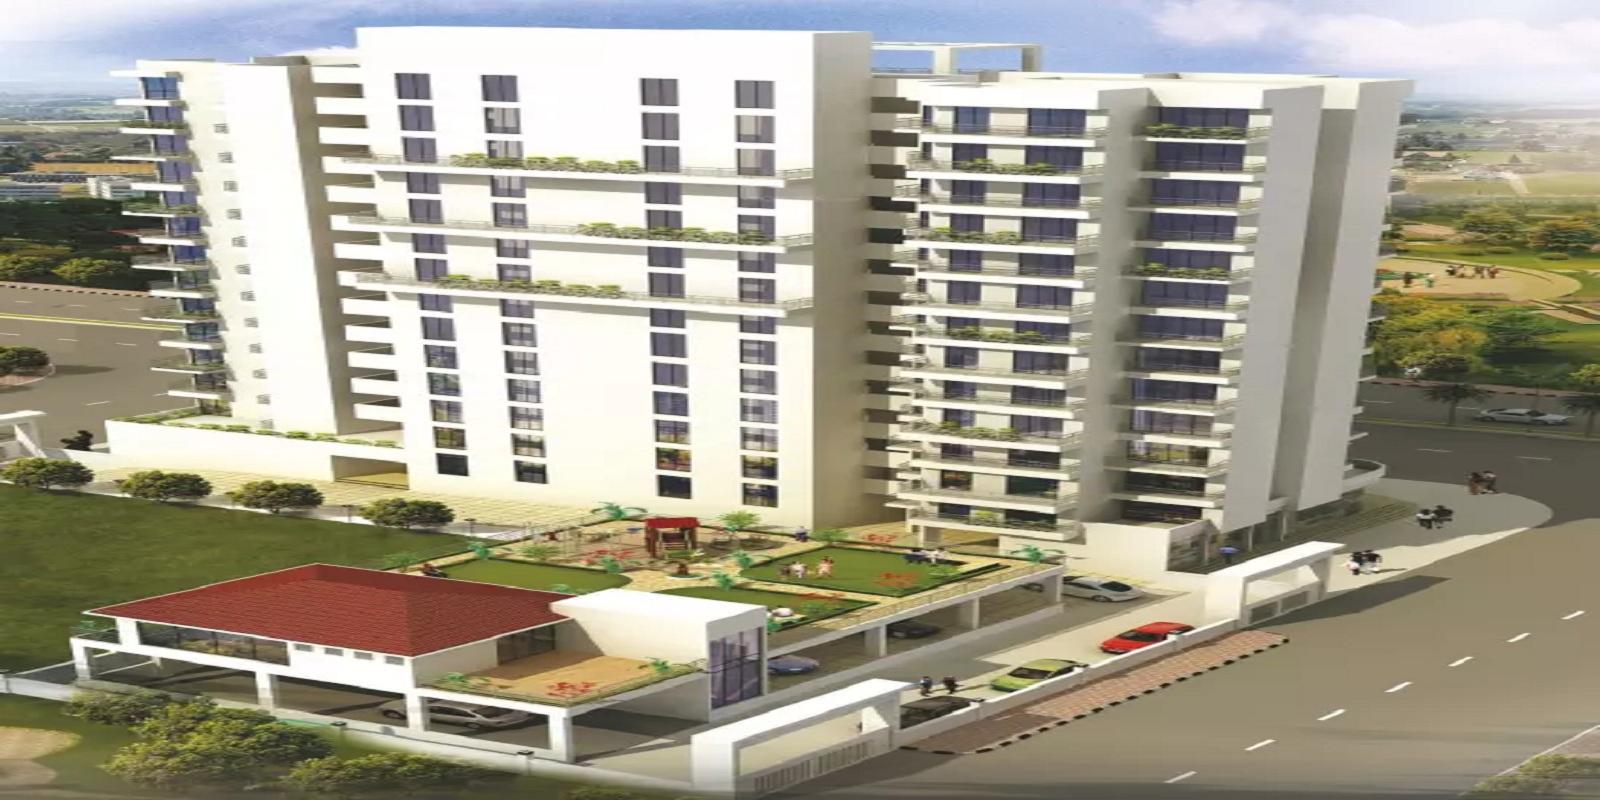 vub vama paradise project large image3